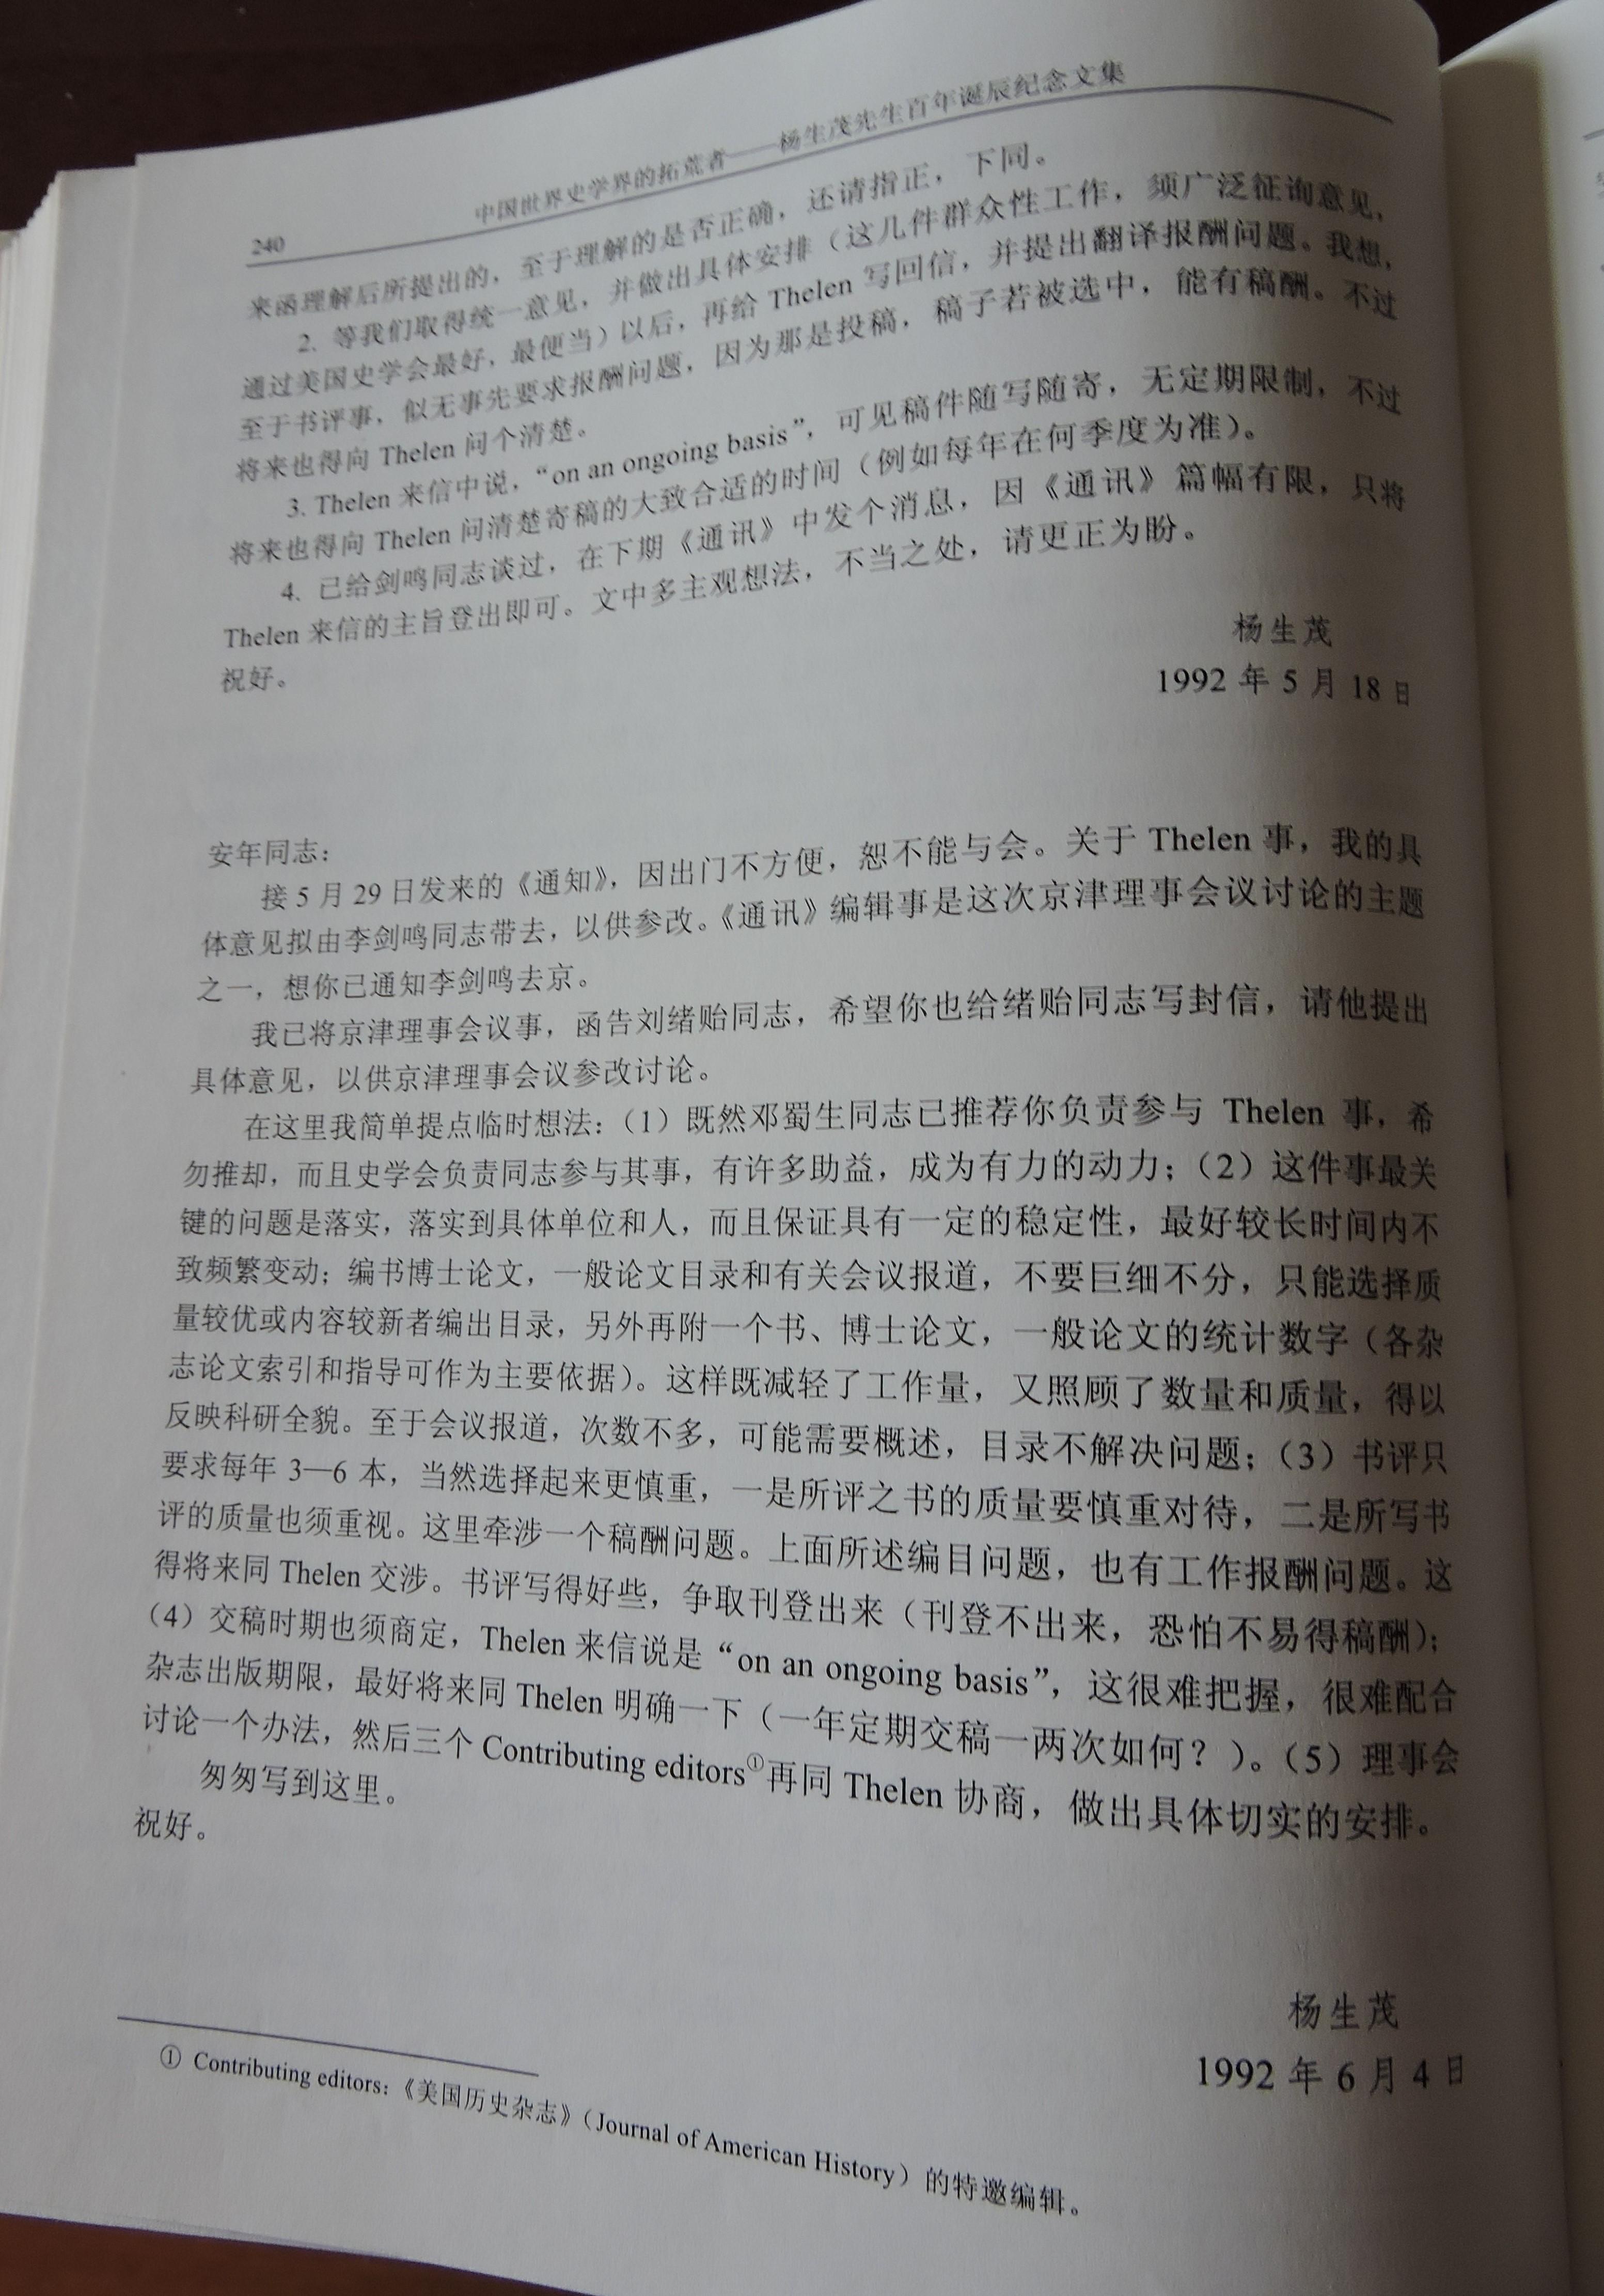 5 DSCN8576.jpg